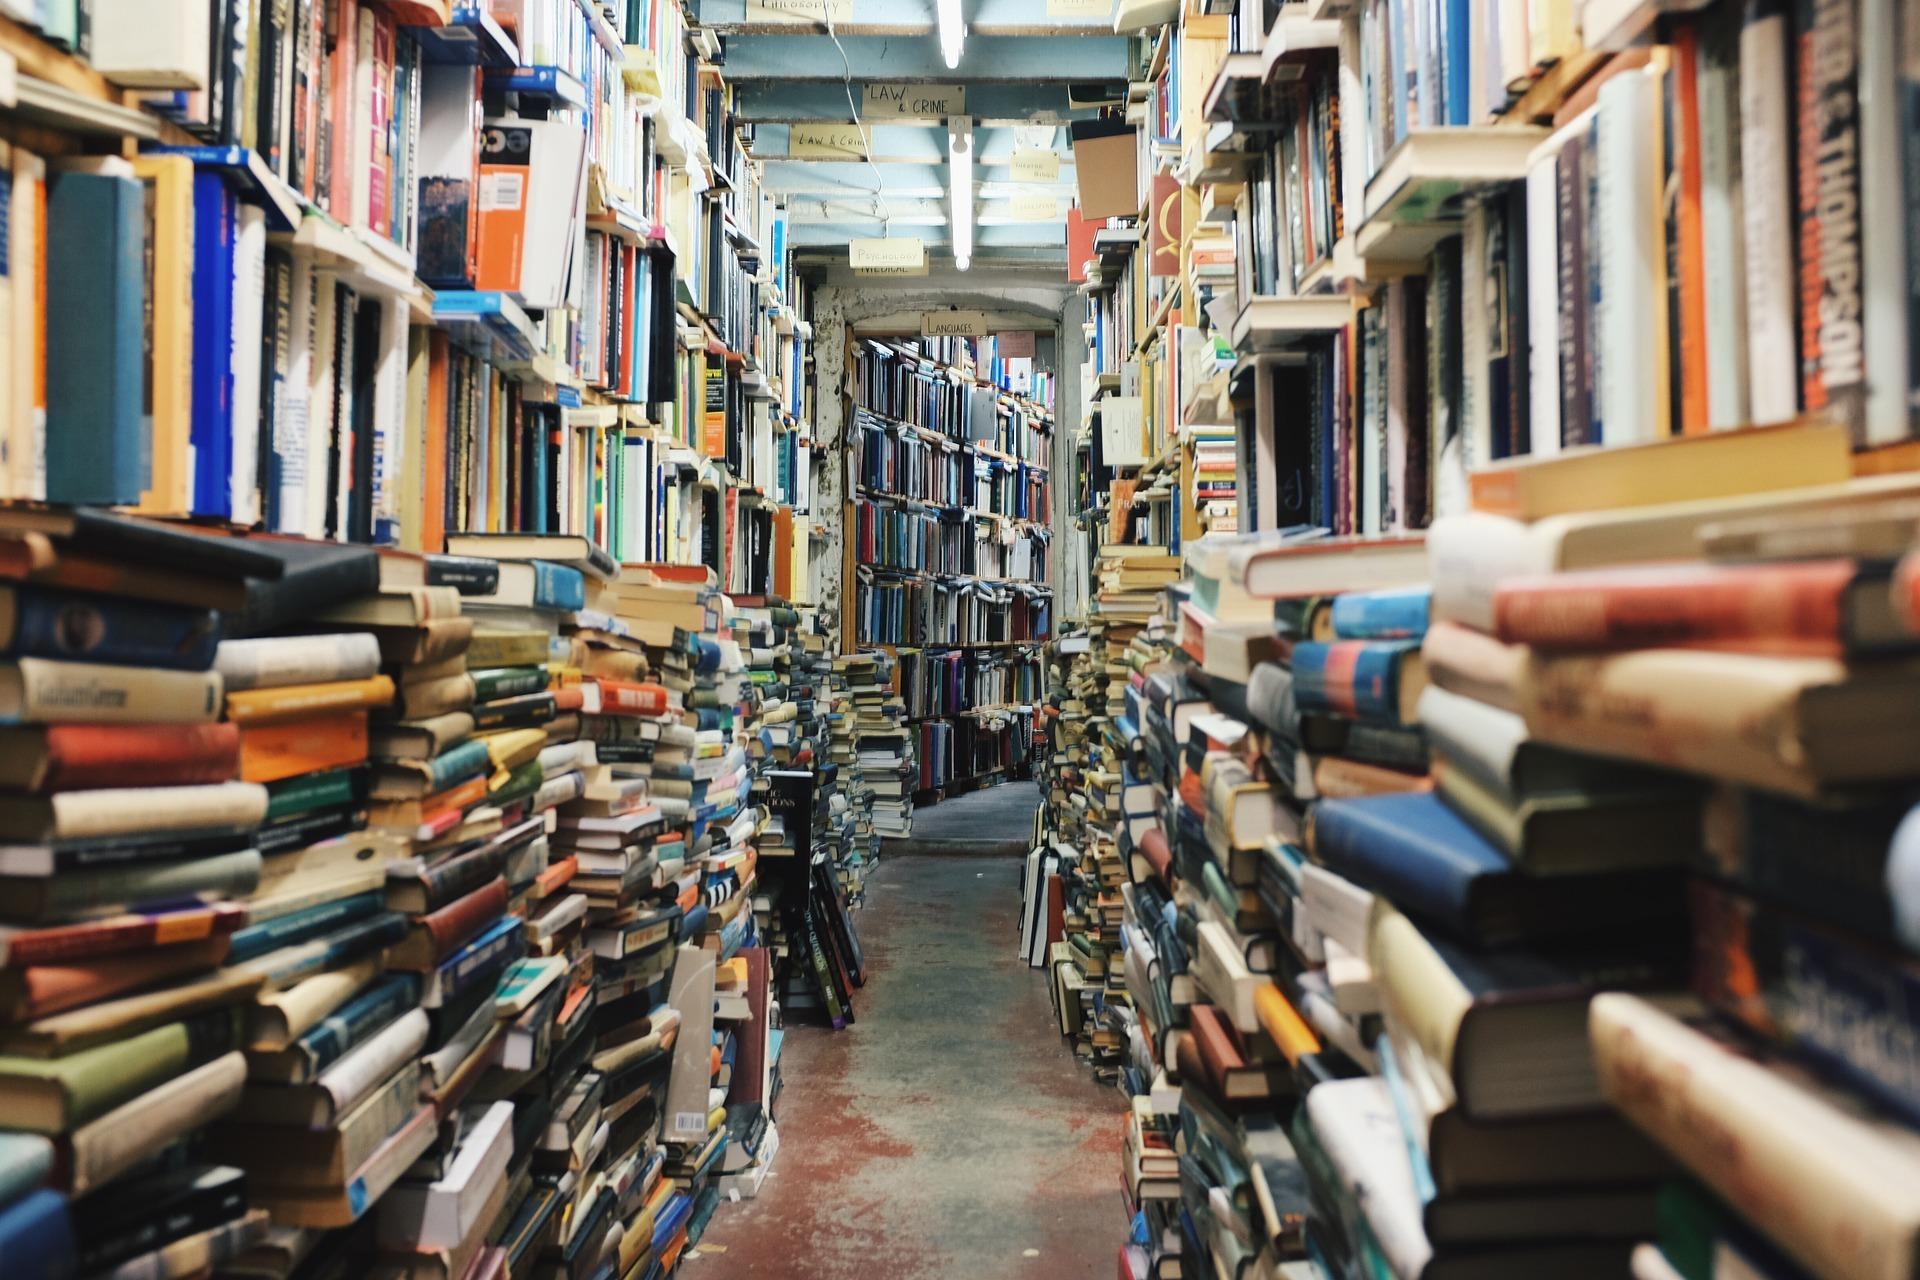 Offene Bücherschränke In Wien Vieloveat Wir Lieben Wien